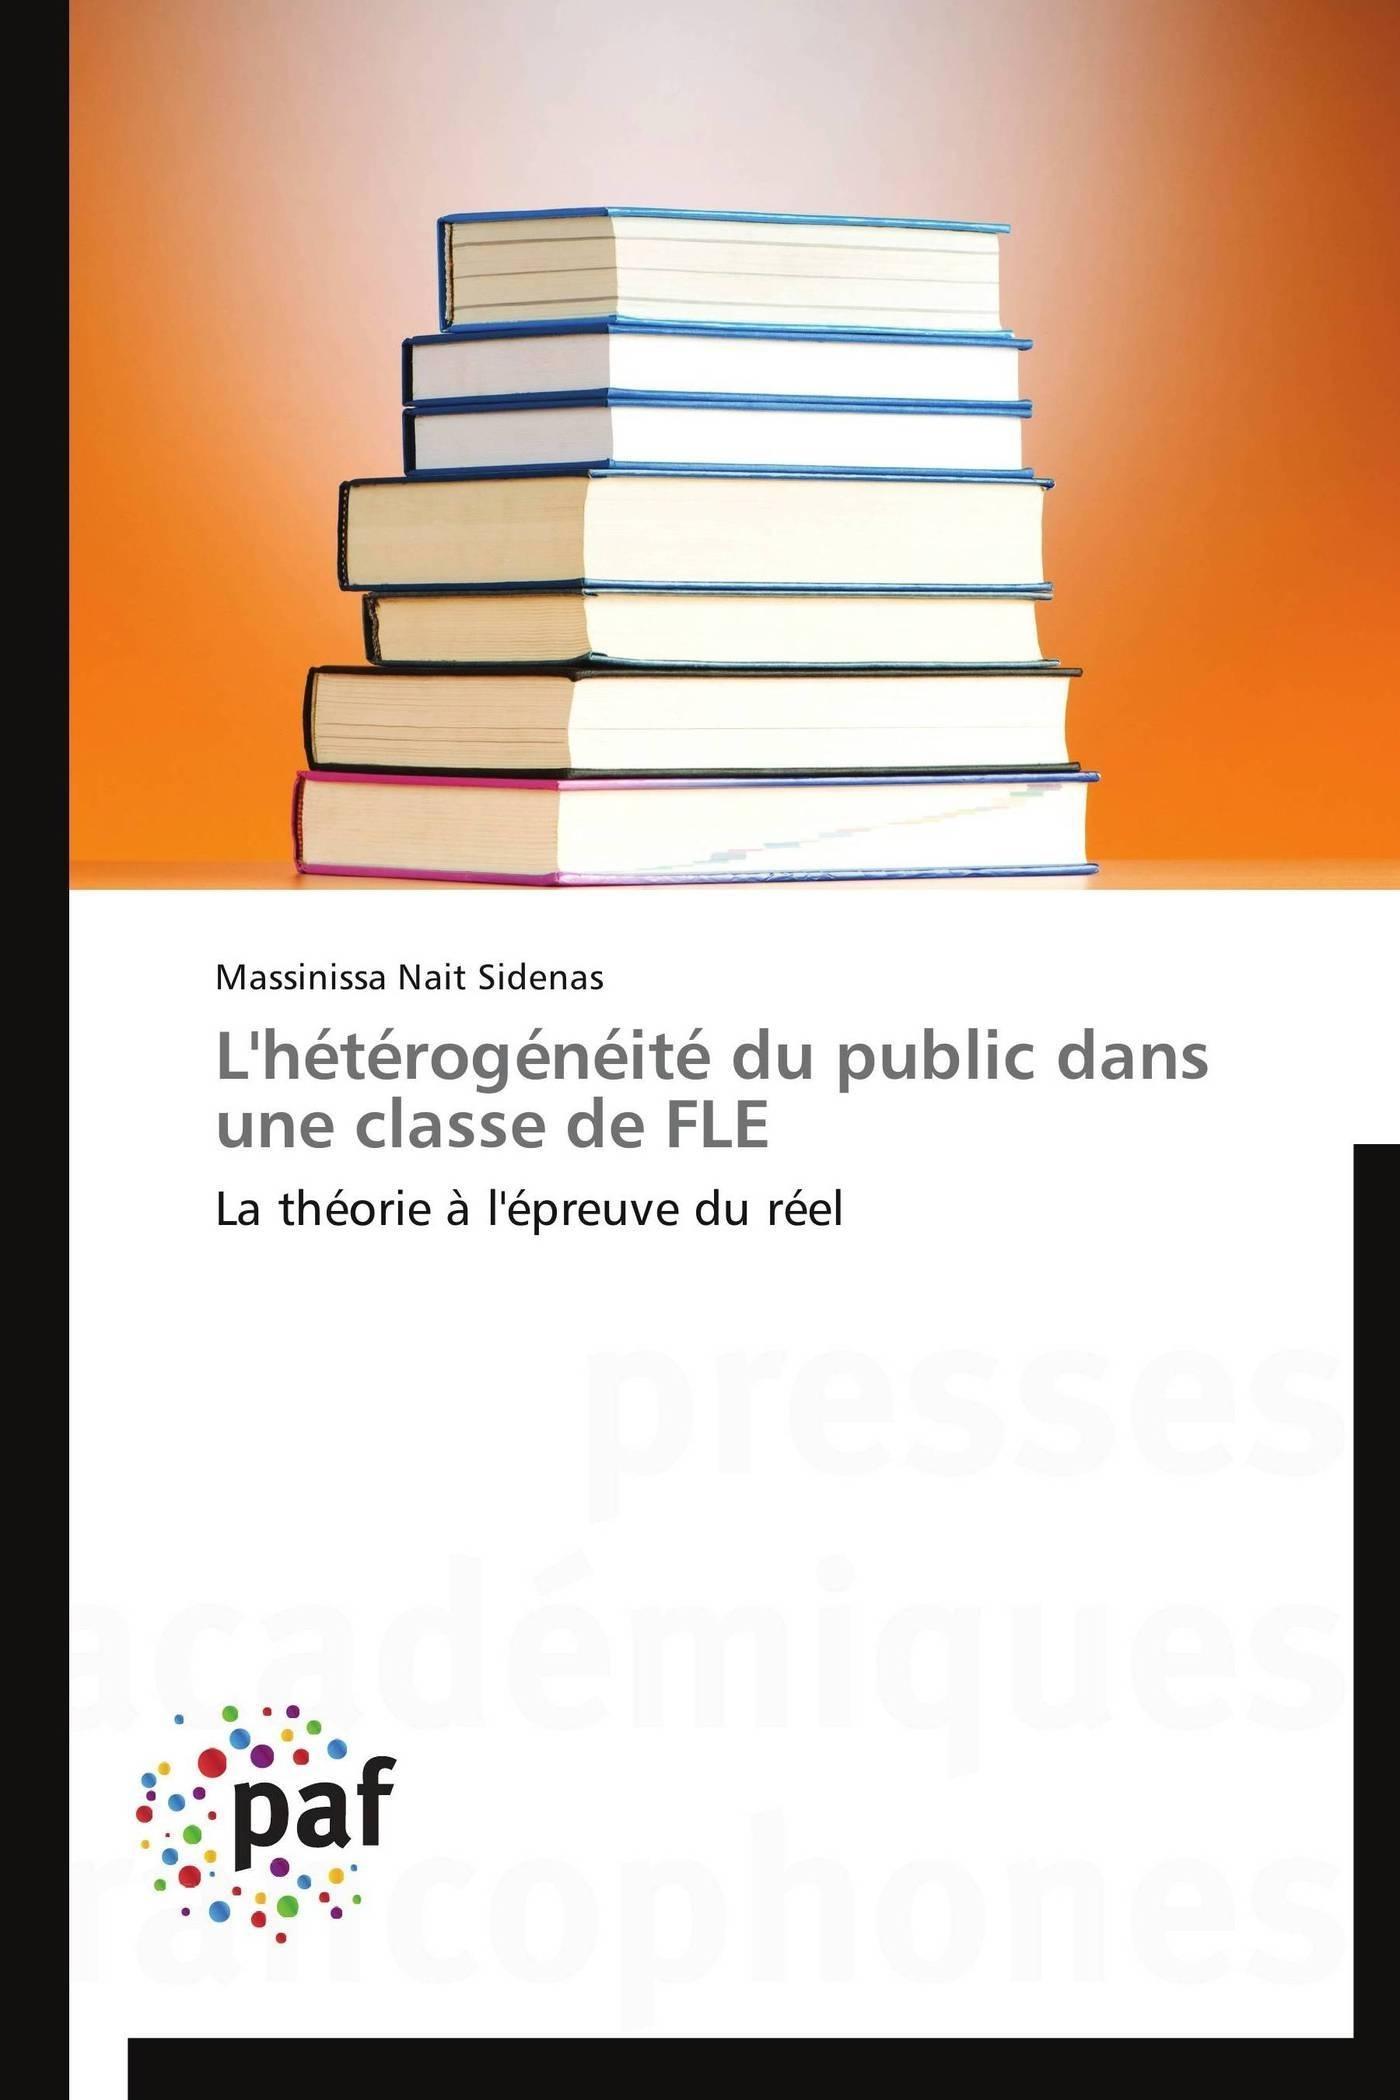 L'HETEROGENEITE DU PUBLIC DANS UNE CLASSE DE FLE